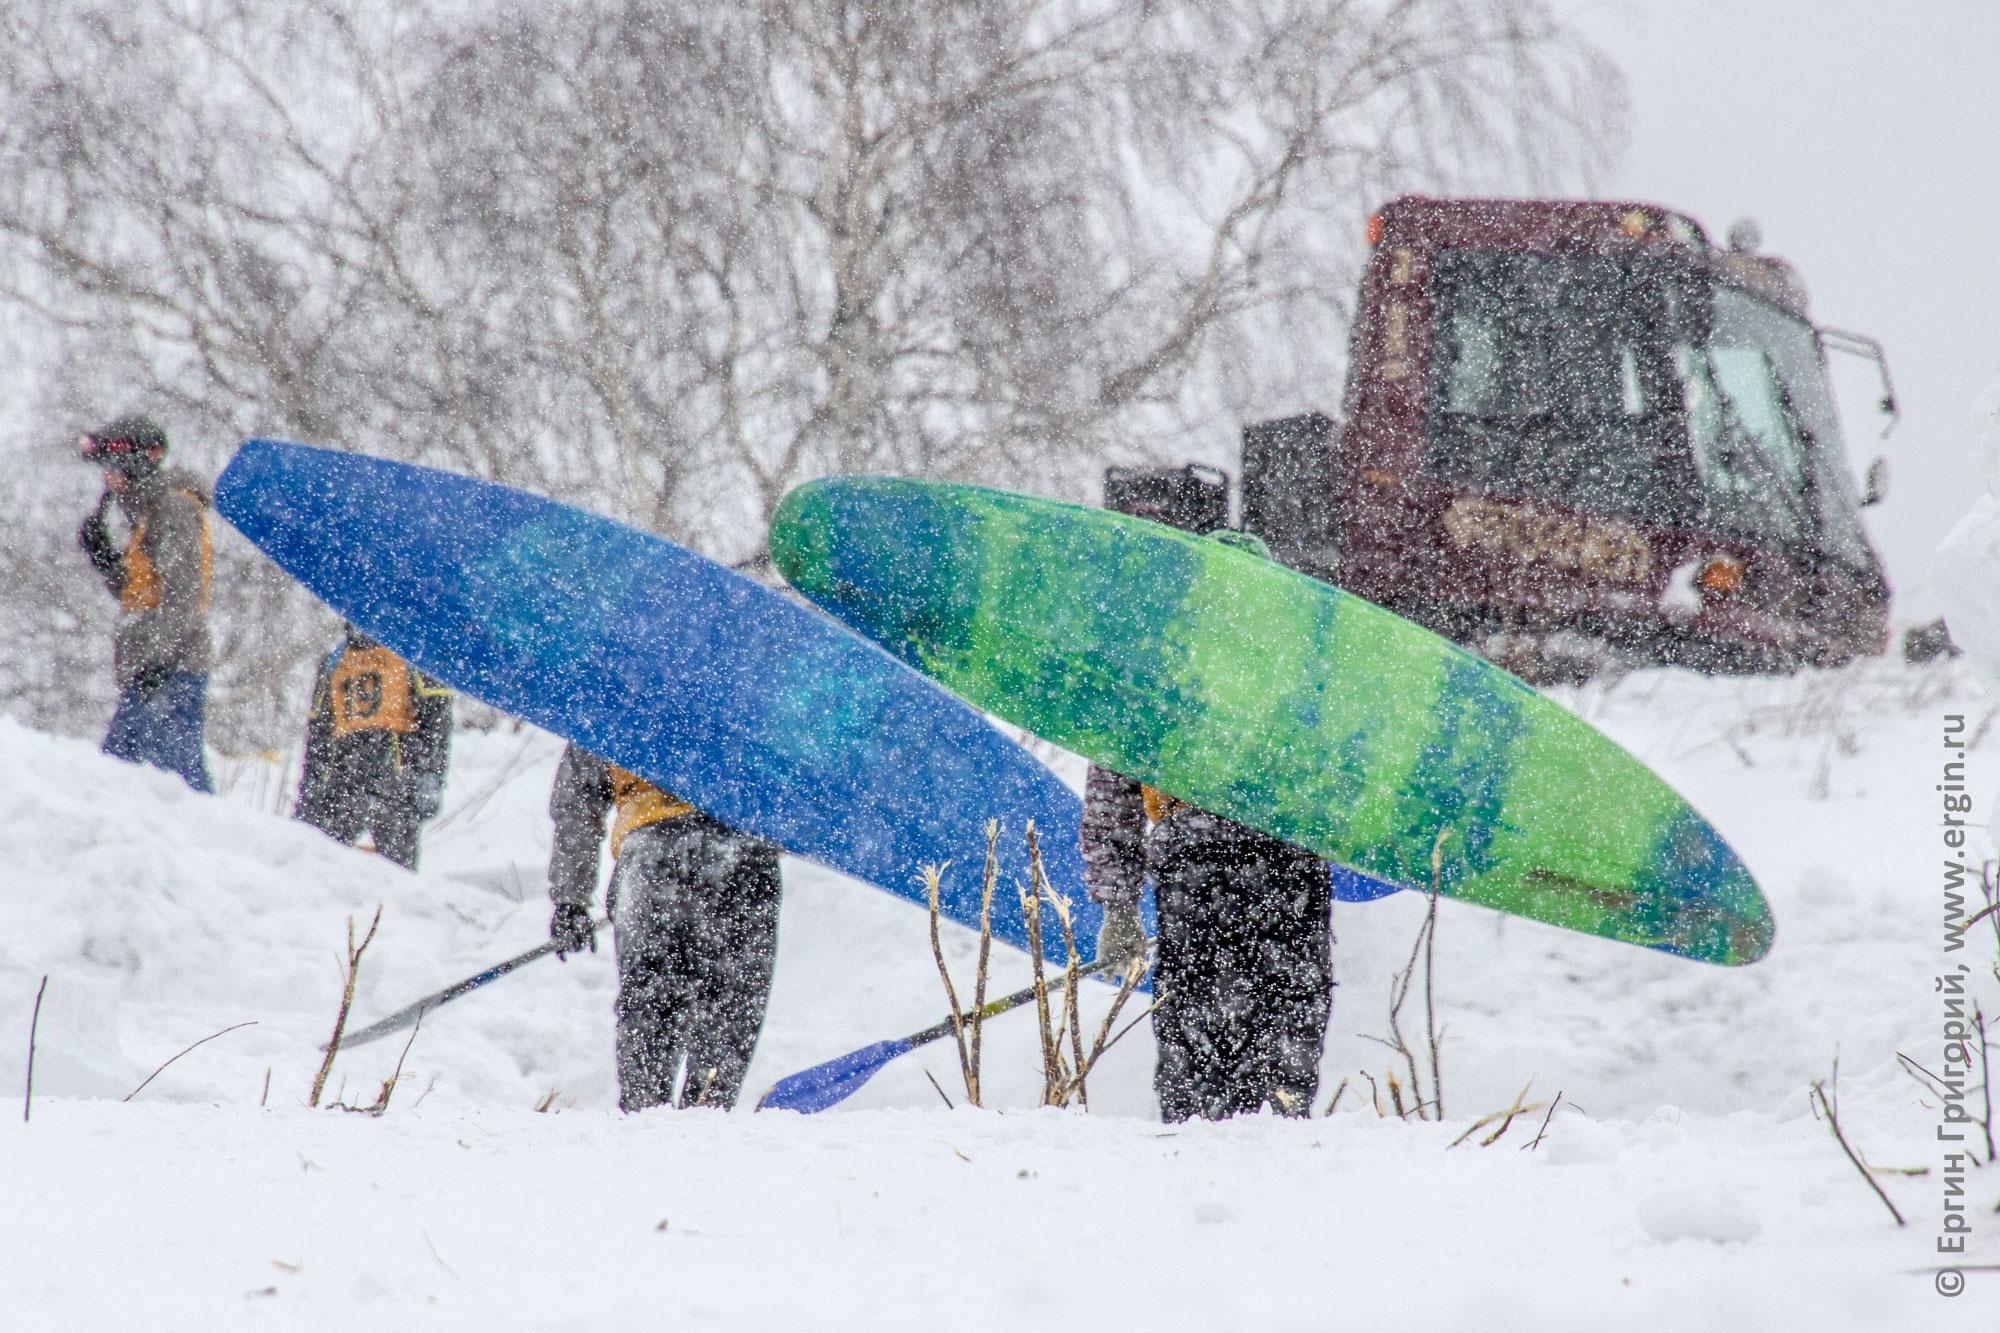 Сноукаякеры несут каяки под идущим снегом